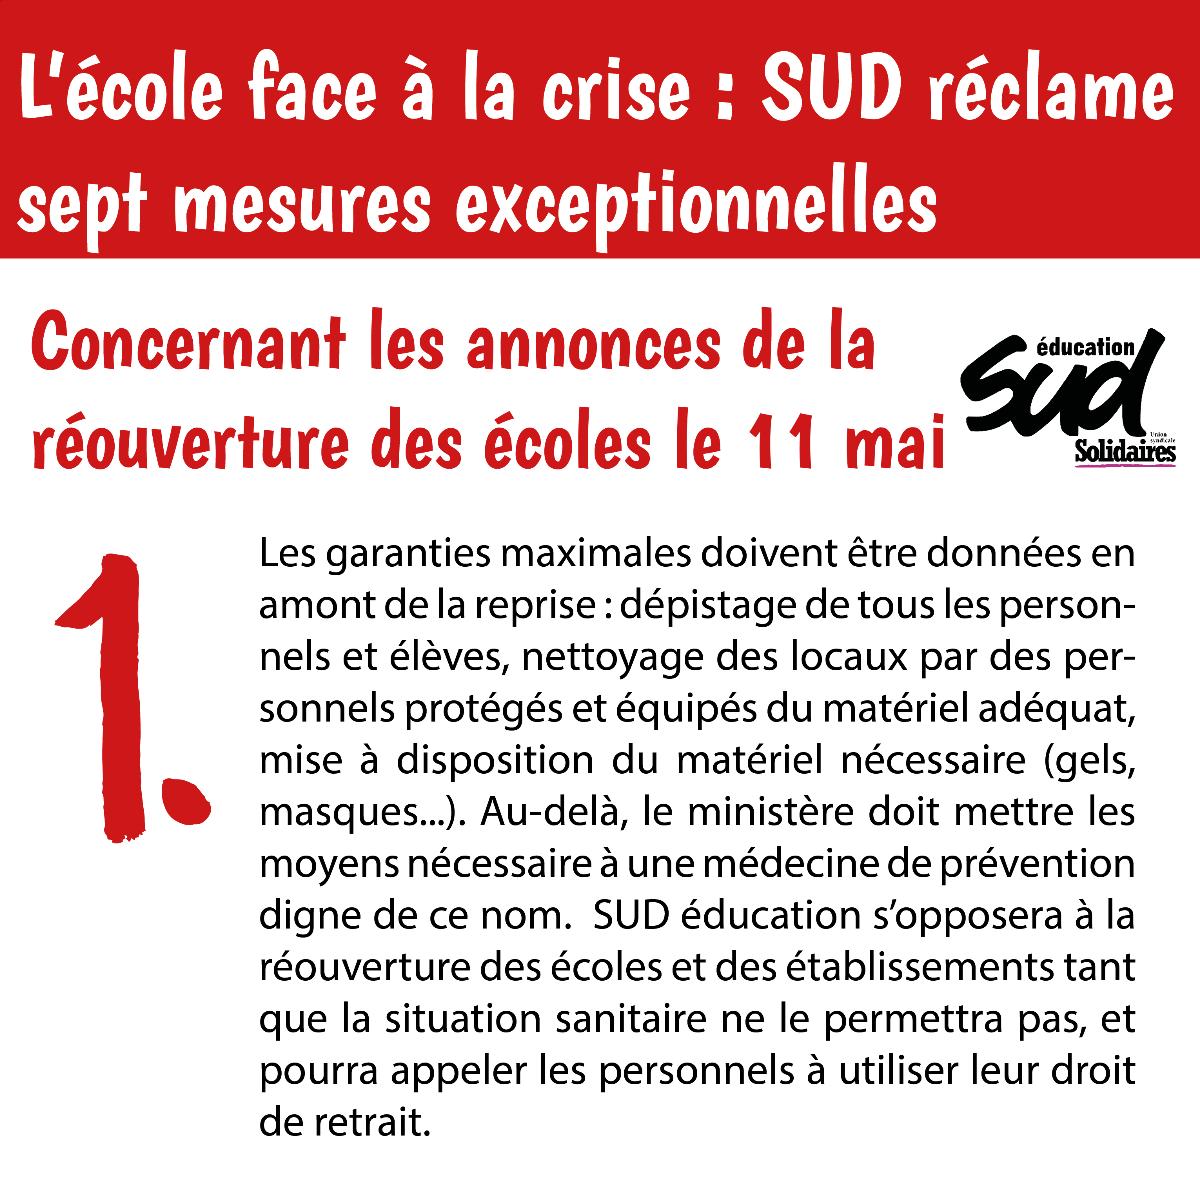 L'école face à la crise : SUD réclame 7 mesures exceptionnelles